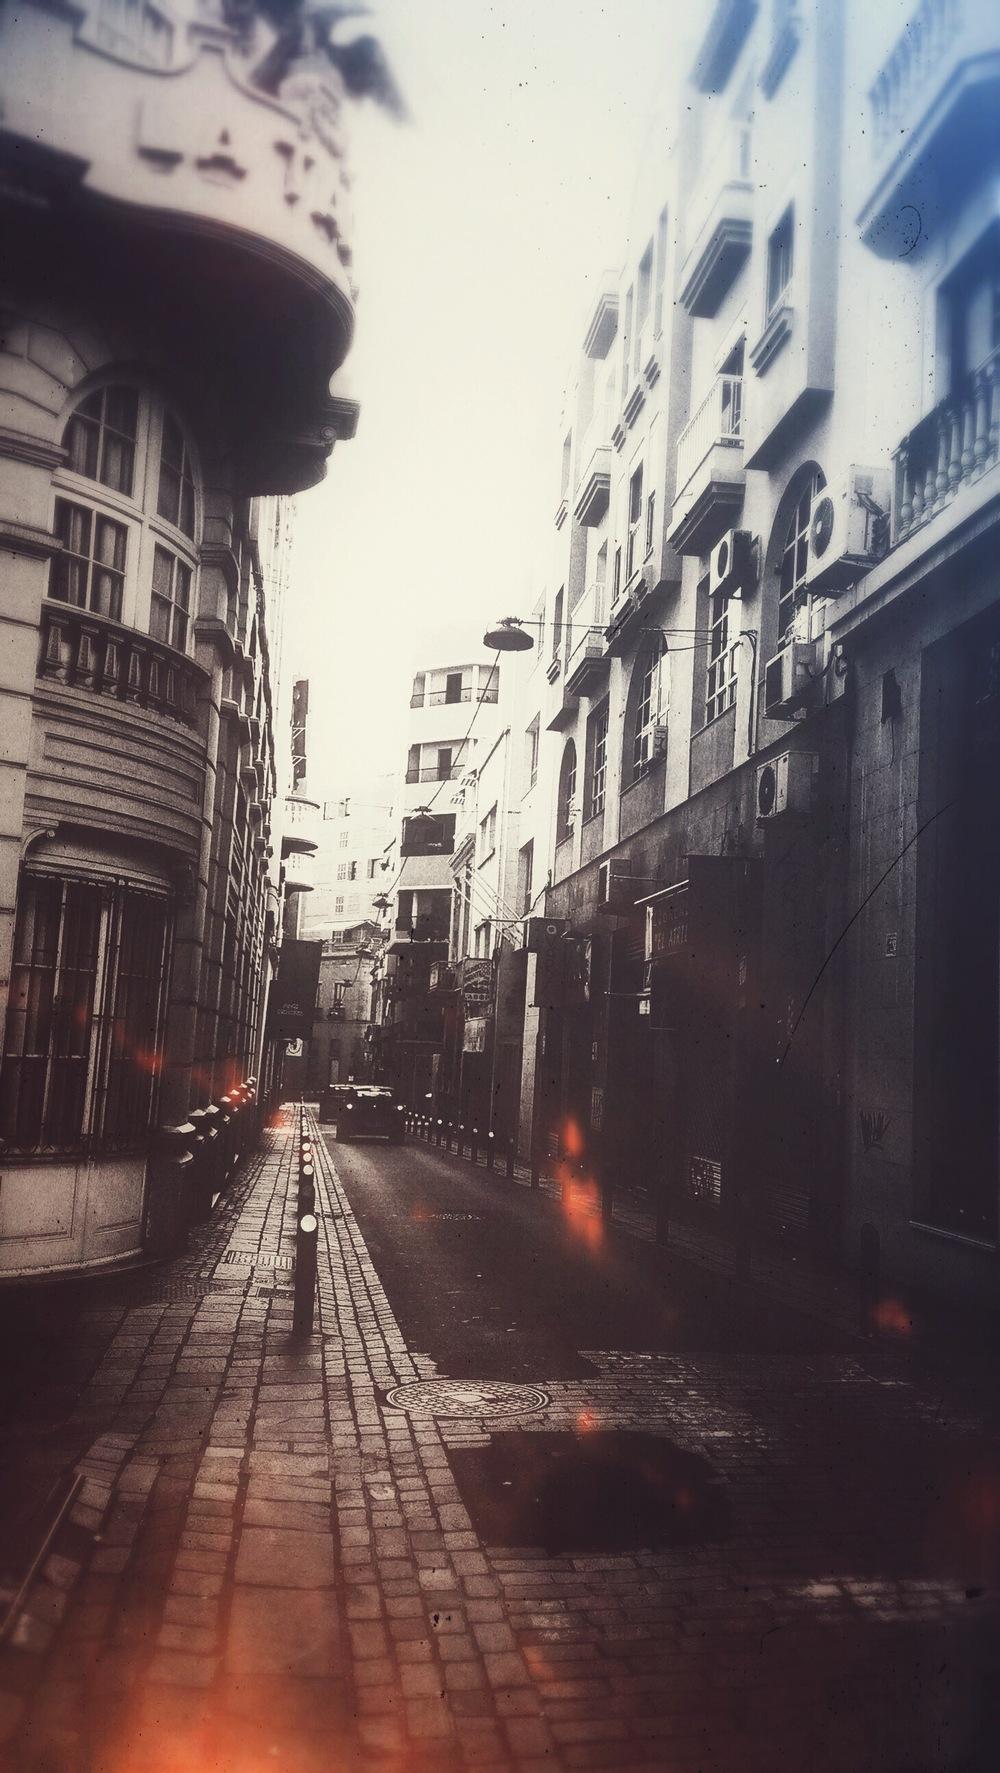 City streets, S.C. Tenerife